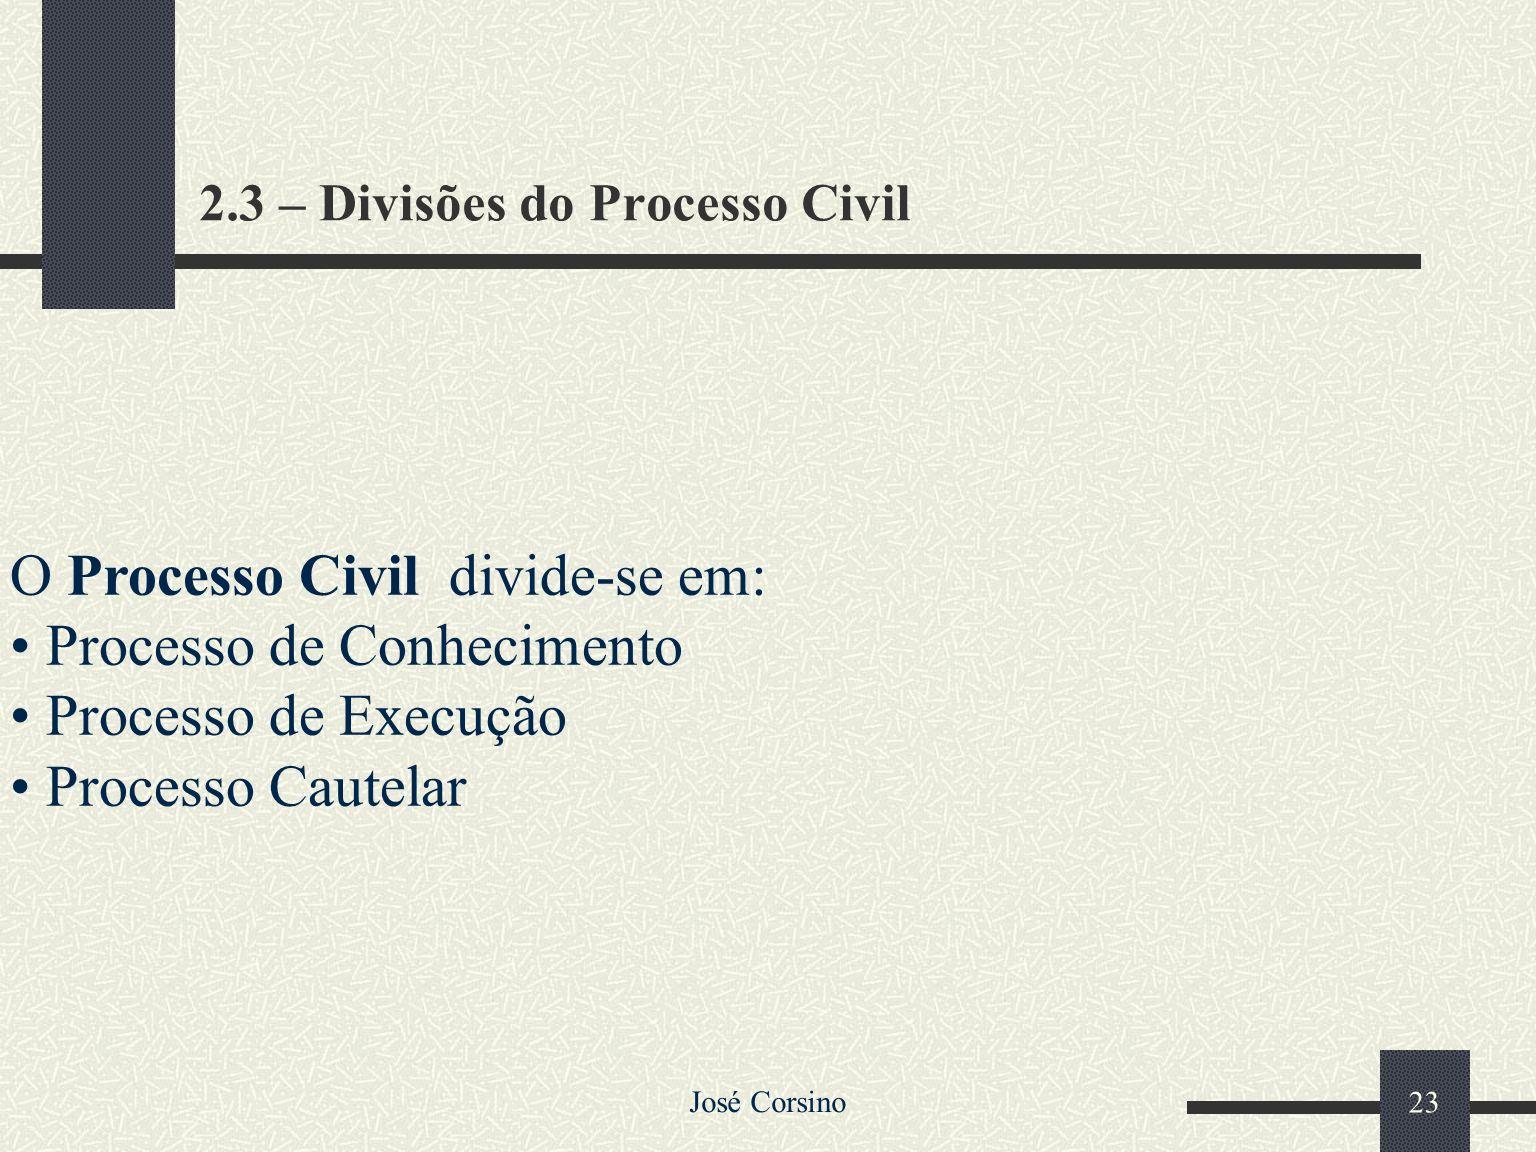 2.3 – Divisões do Processo Civil